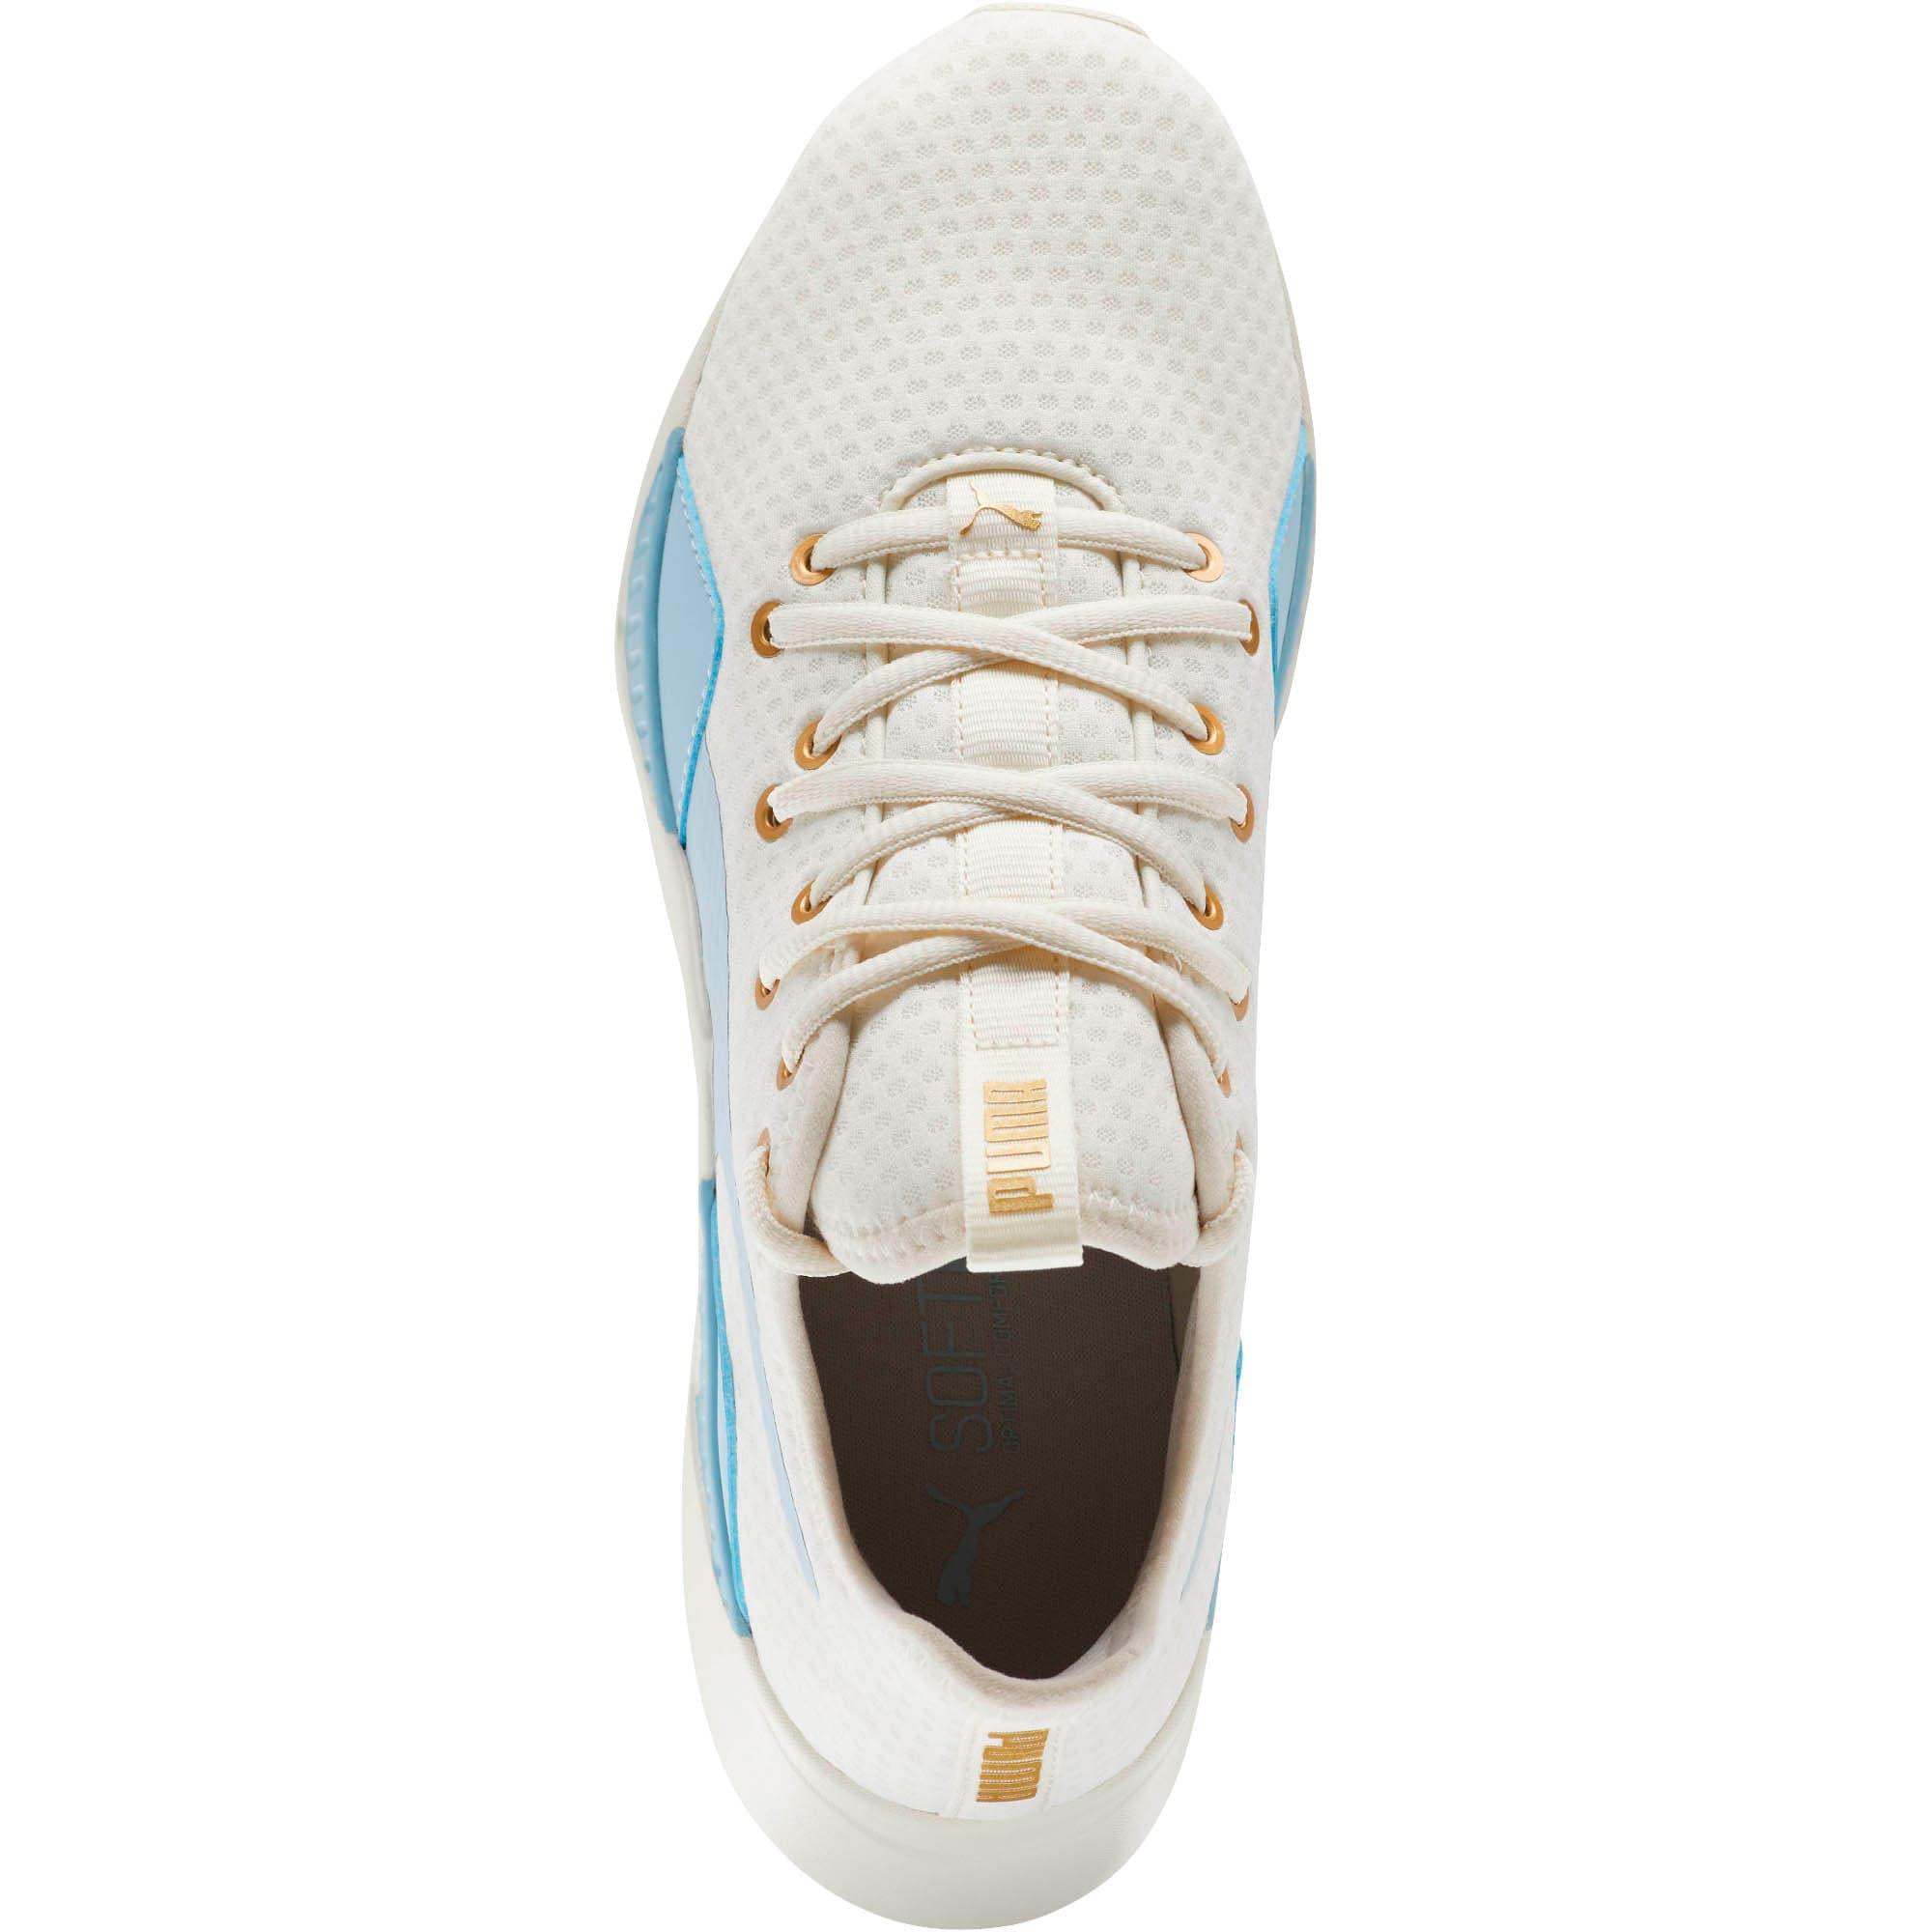 Thumbnail 5 of Incite Sweet Women's Training Shoes, Whisper White-Light Sky, medium